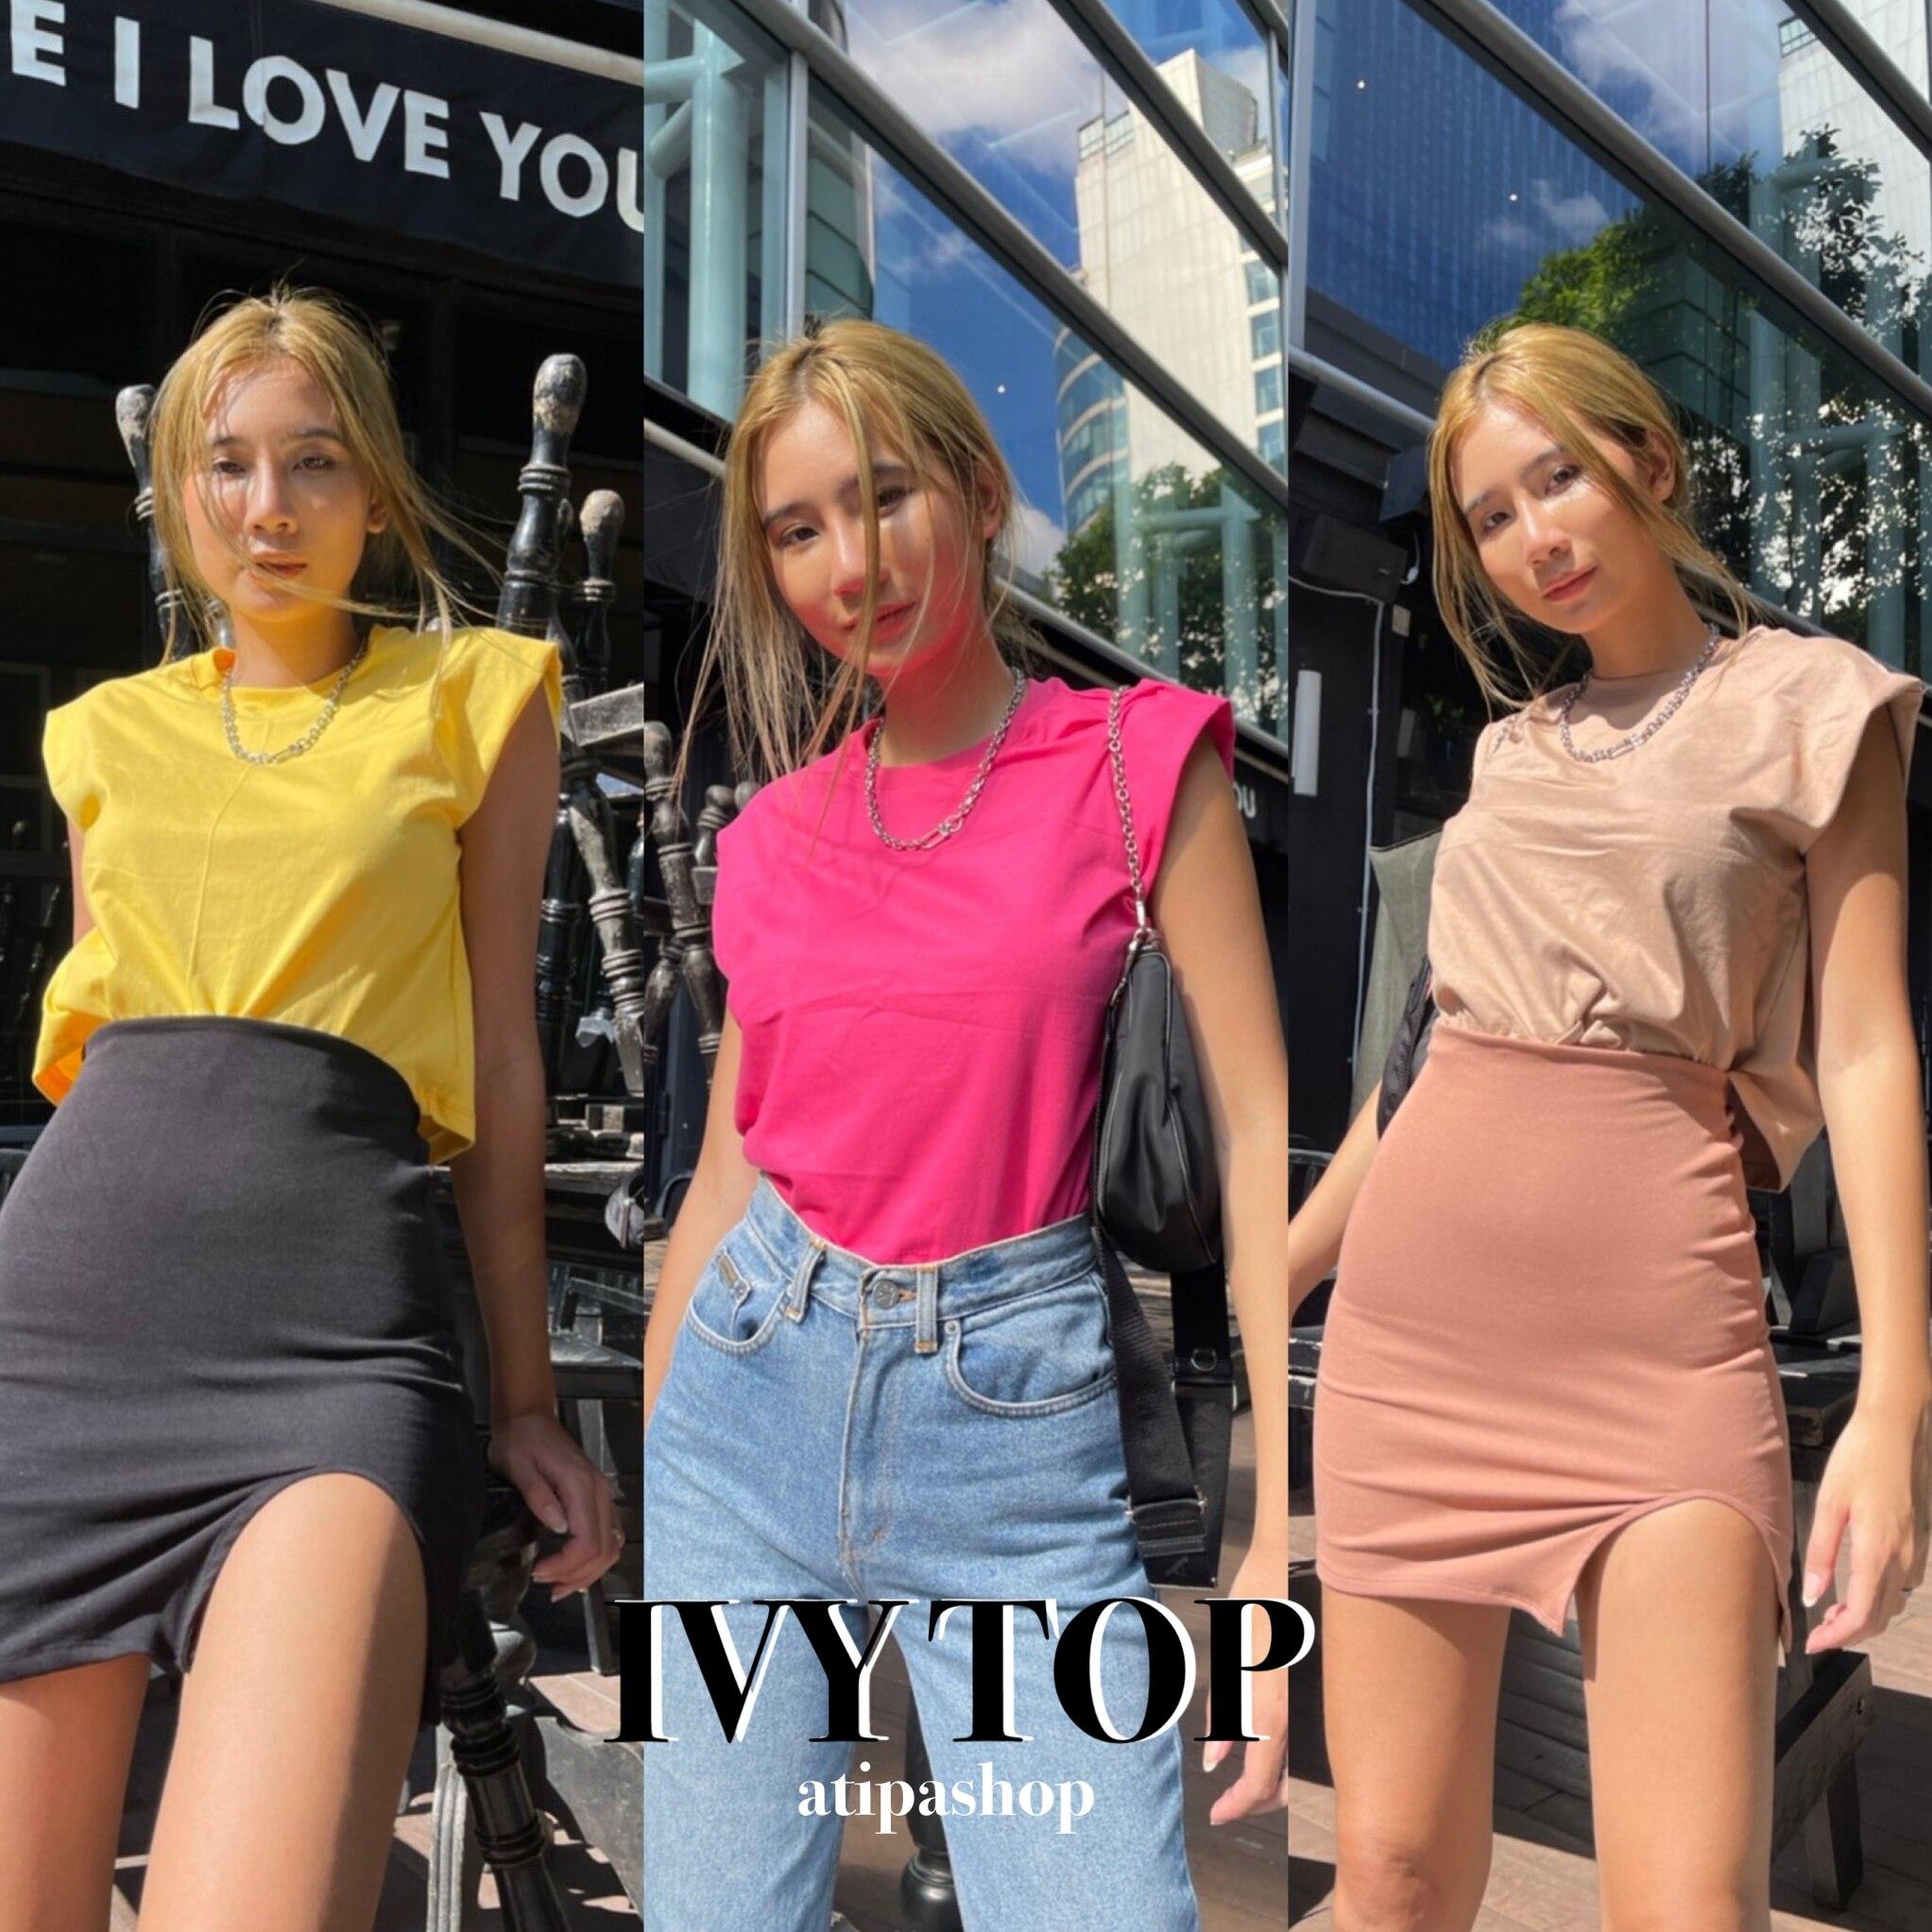 Atipashop - Ivy Top เสื้อแขนกุด มาใหม่ ทรงสวย สีให้เลือกเยอะ.